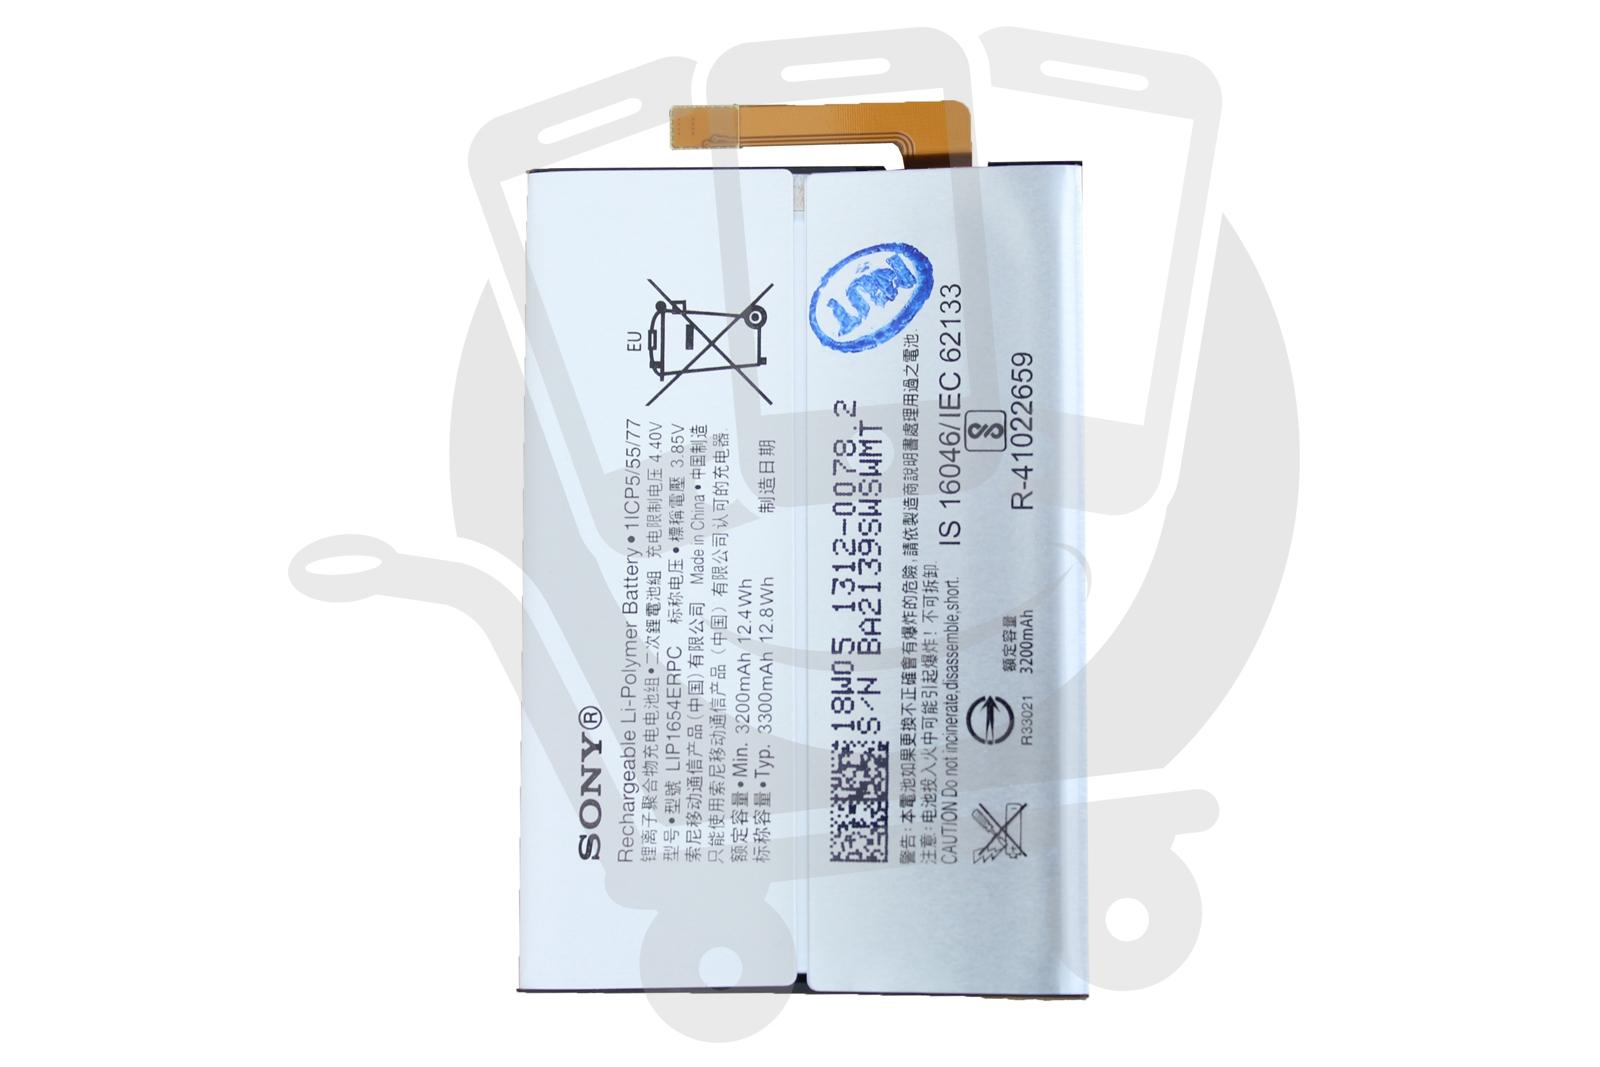 Genuine Sony Xperia L2 3300mah Battery 1312 0078 5056176928919 Ebay Description